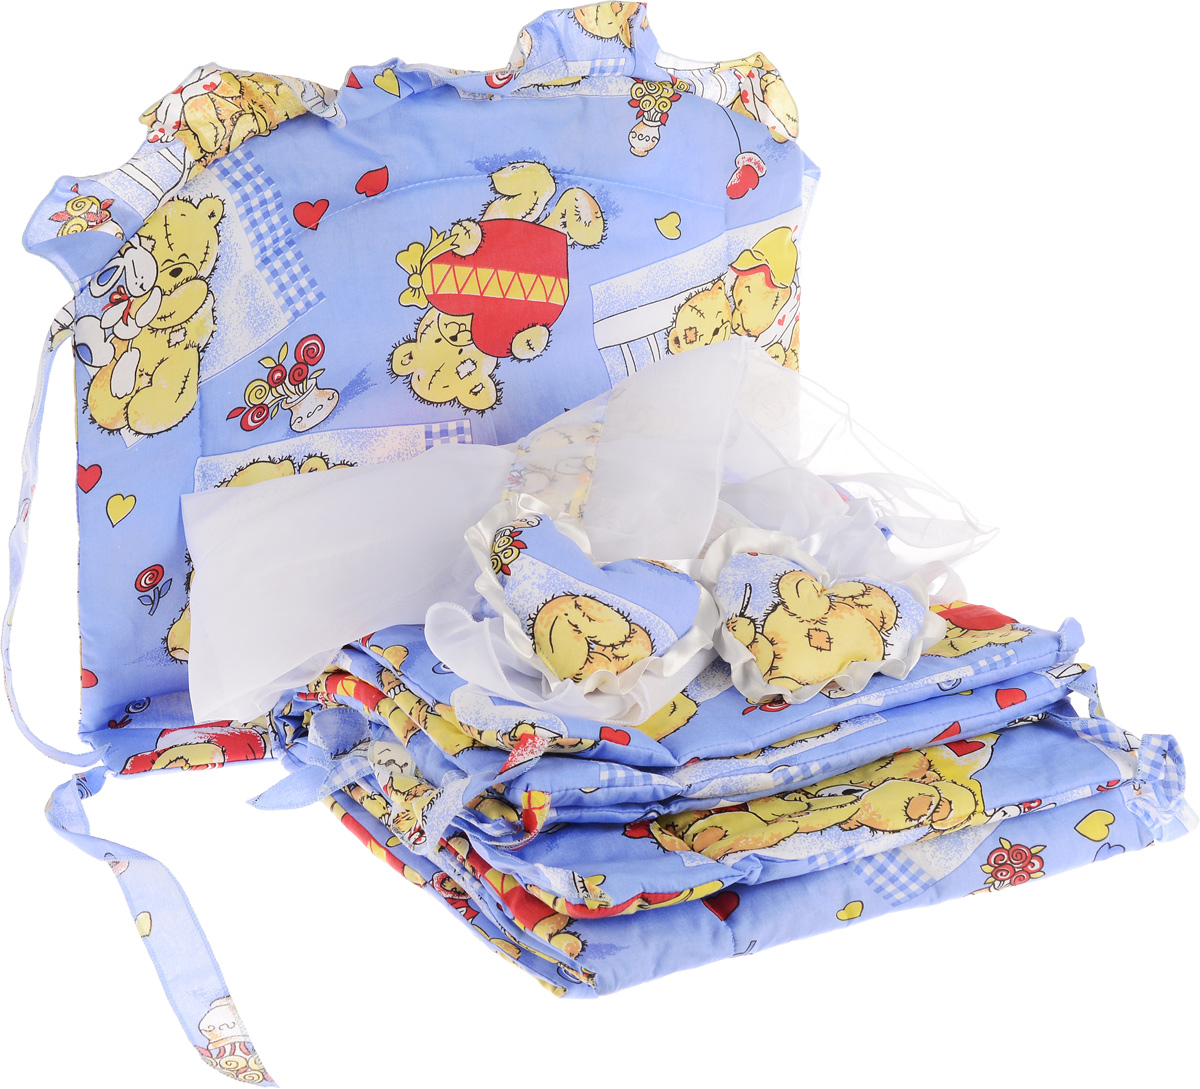 Фея Комплект для детской кроватки Мишка с сердцем 2 предмета3972_синийКомплект для детской кроватки Фея Мишка с сердцем состоит из бортика и балдахина. Бортик в кроватку состоит из четырех частей и закрывает весь периметр кроватки. Бортик крепится к кроватке с помощью специальных завязок, благодаря чему его можно поместить в любую детскую кроватку. Деликатные швы рассчитаны на прикосновение к нежной коже ребенка. Бампер оформлен изображениями милых мишек. Наполнителем служит 100% полиэстер. Балдахин, выполненный из полиэстера, может использоваться как для люльки, так и для кроватки. Размер балдахина: 250 см х 150 см.Общая длина бортика: 360 см.